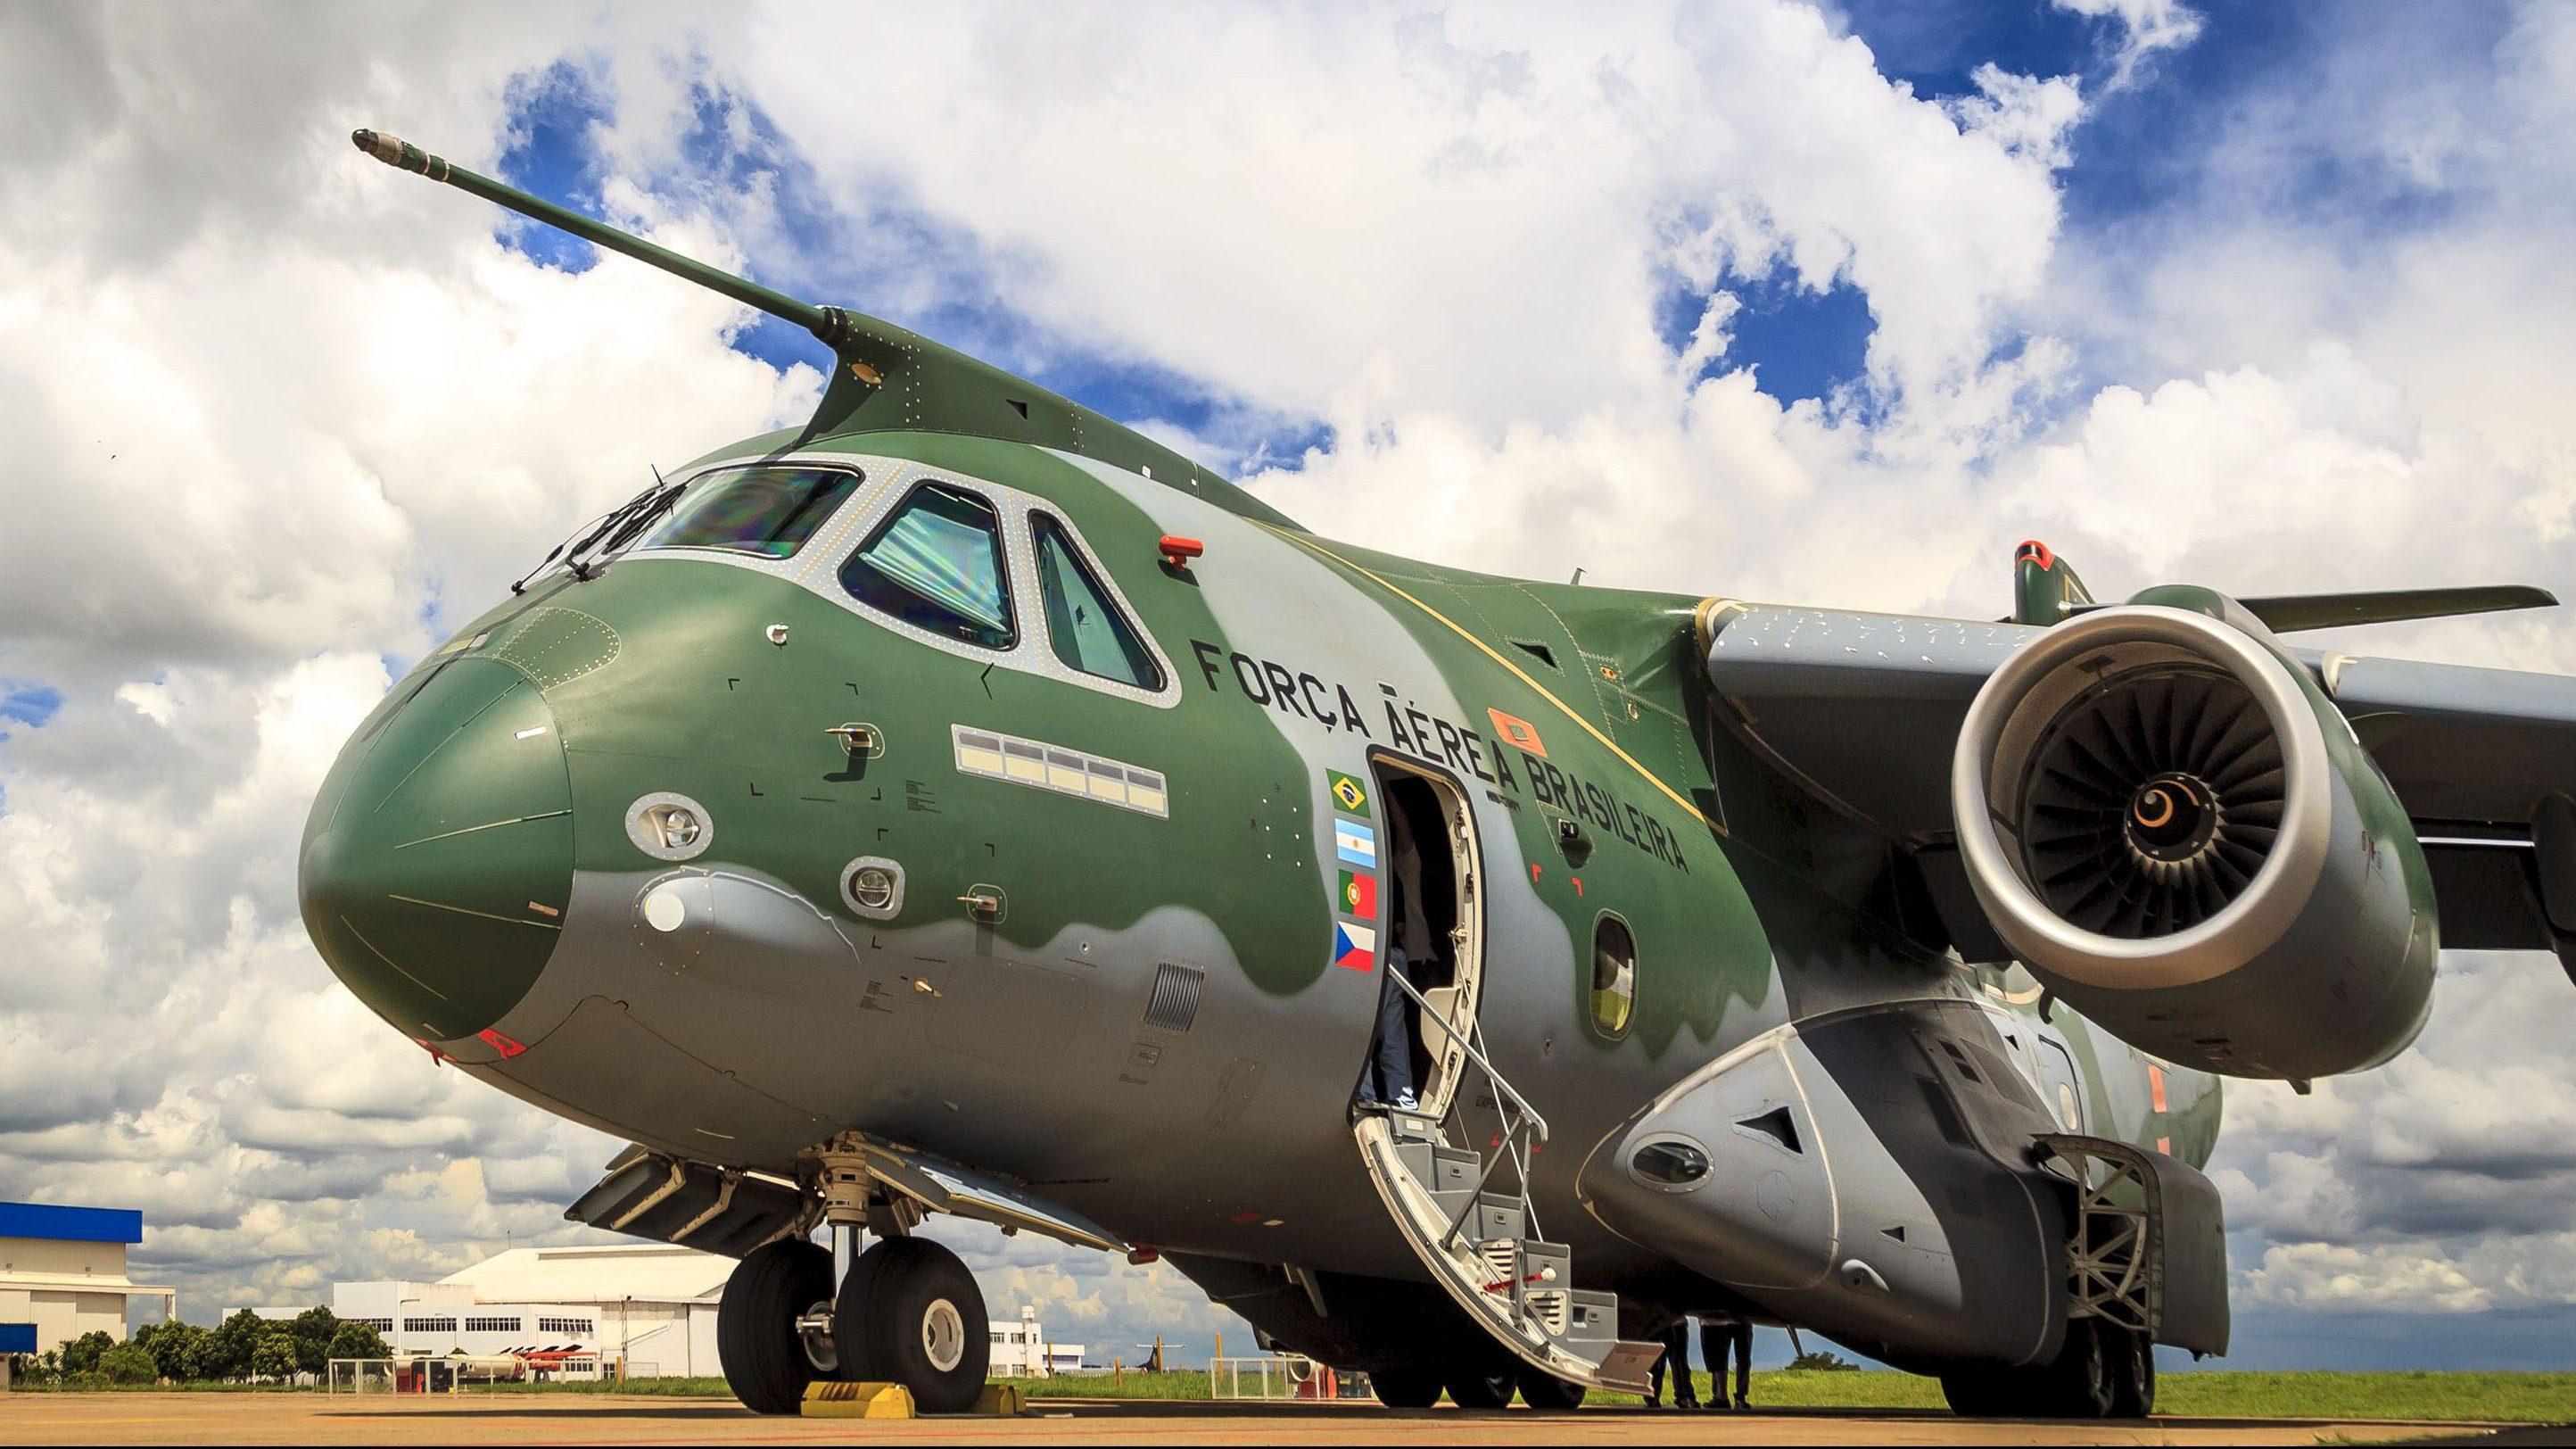 Primeira turma de pilotos do KC-390 Millennium conclui curso de formação -  Poder Aéreo - Aviação Militar, Indústria Aeronáutica e de Defesa